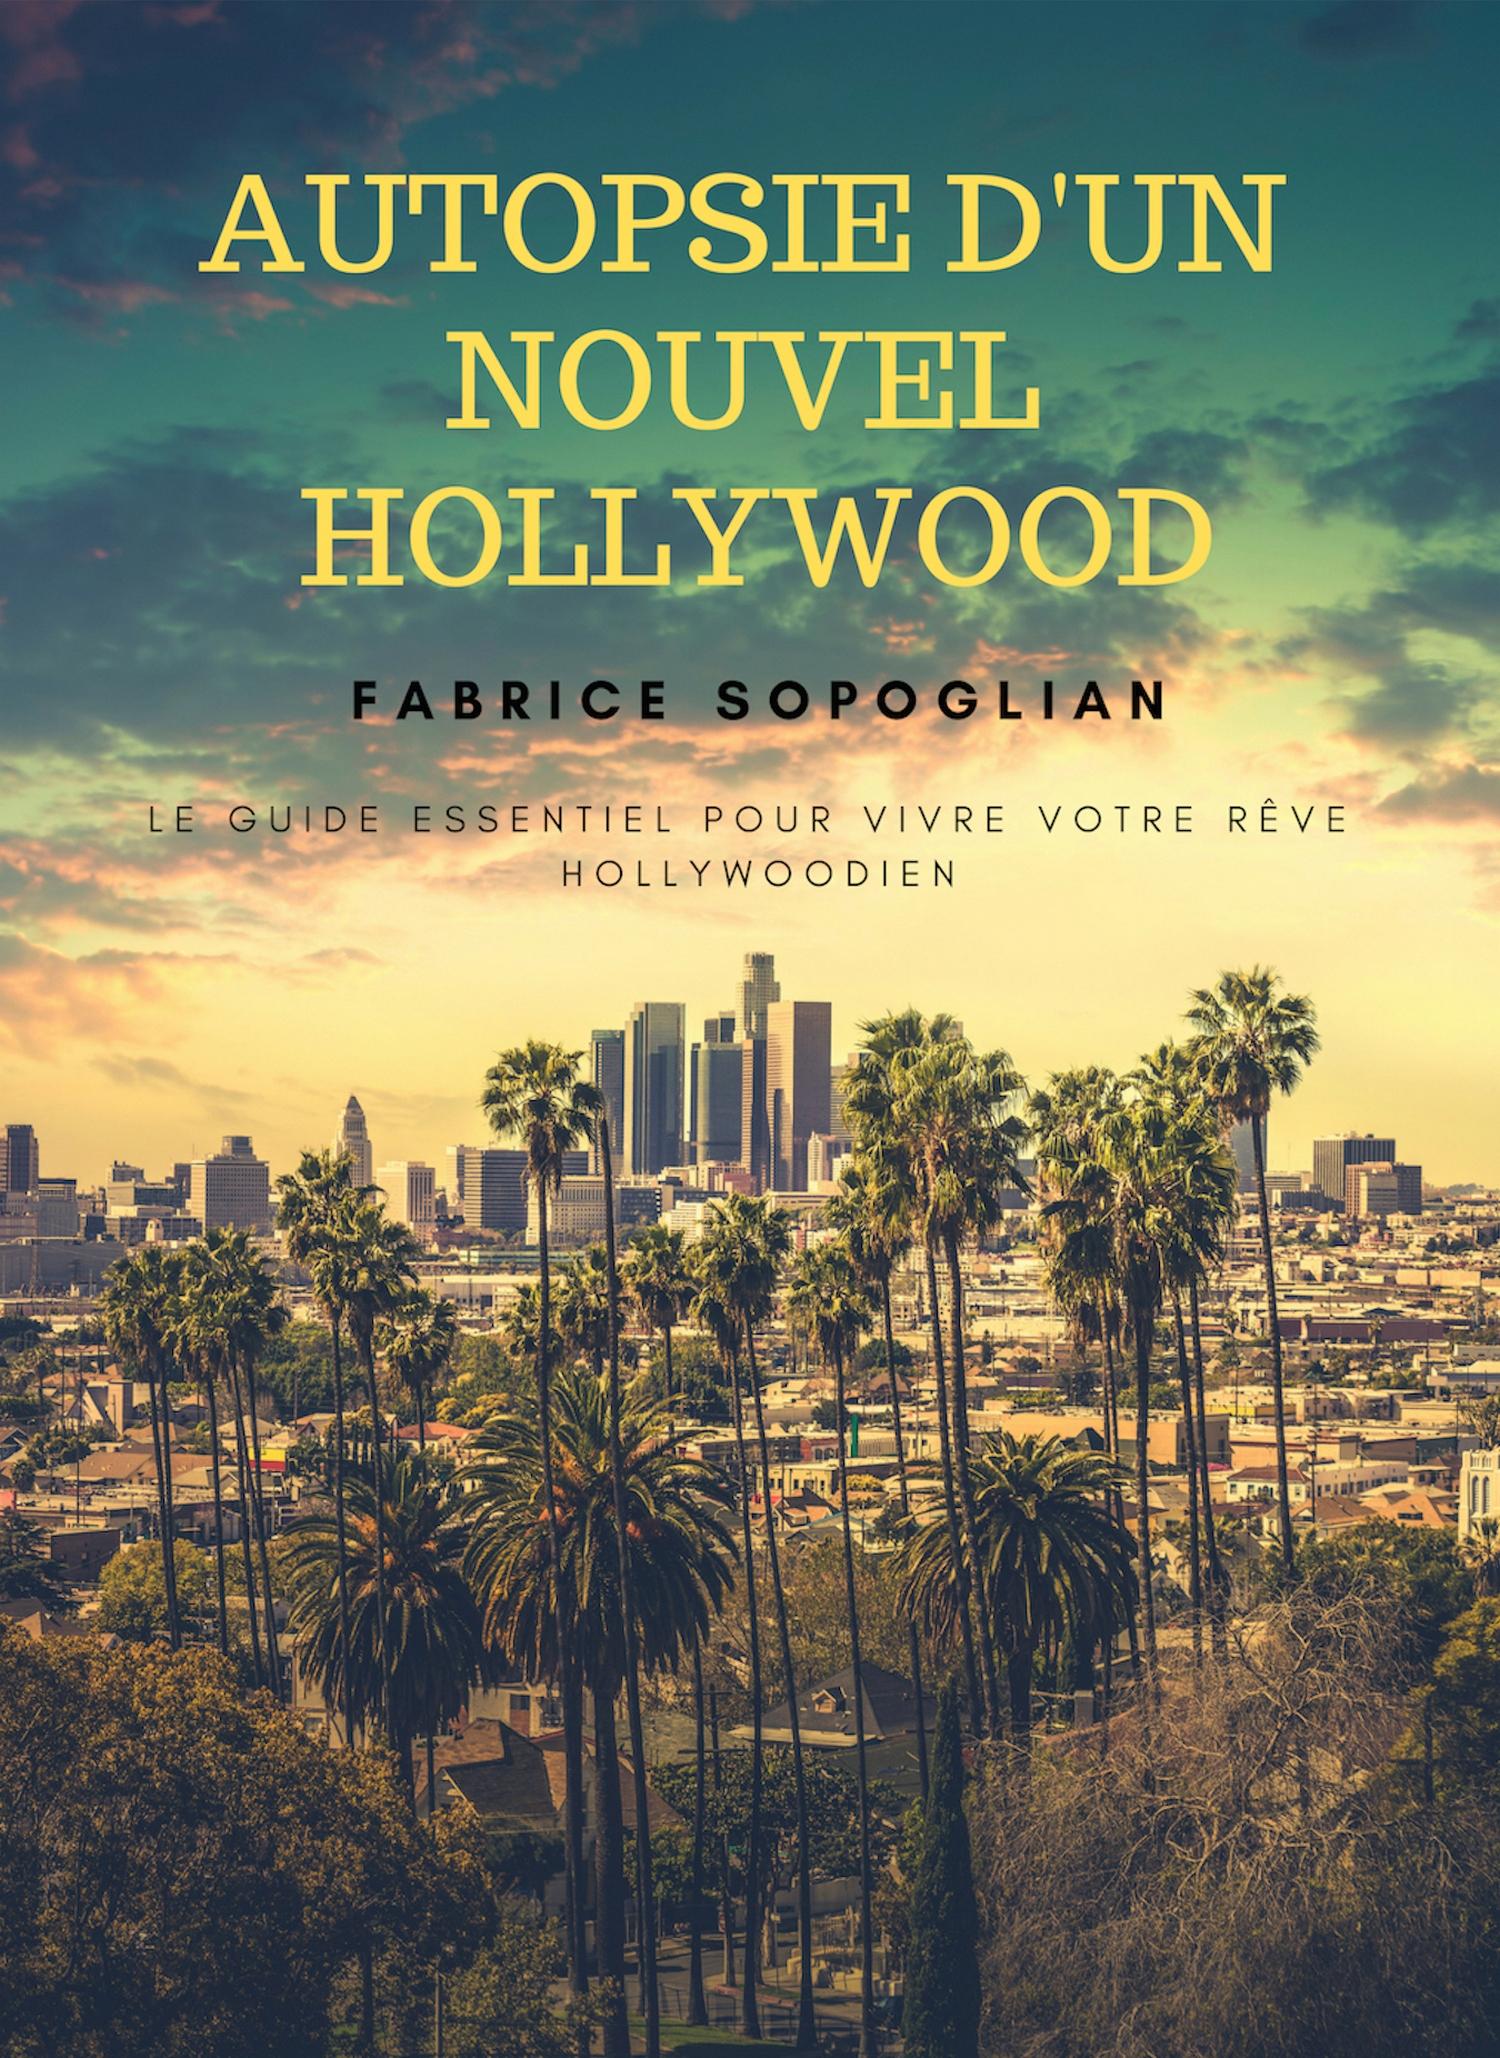 Autopsie d'un nouvel Hollywood